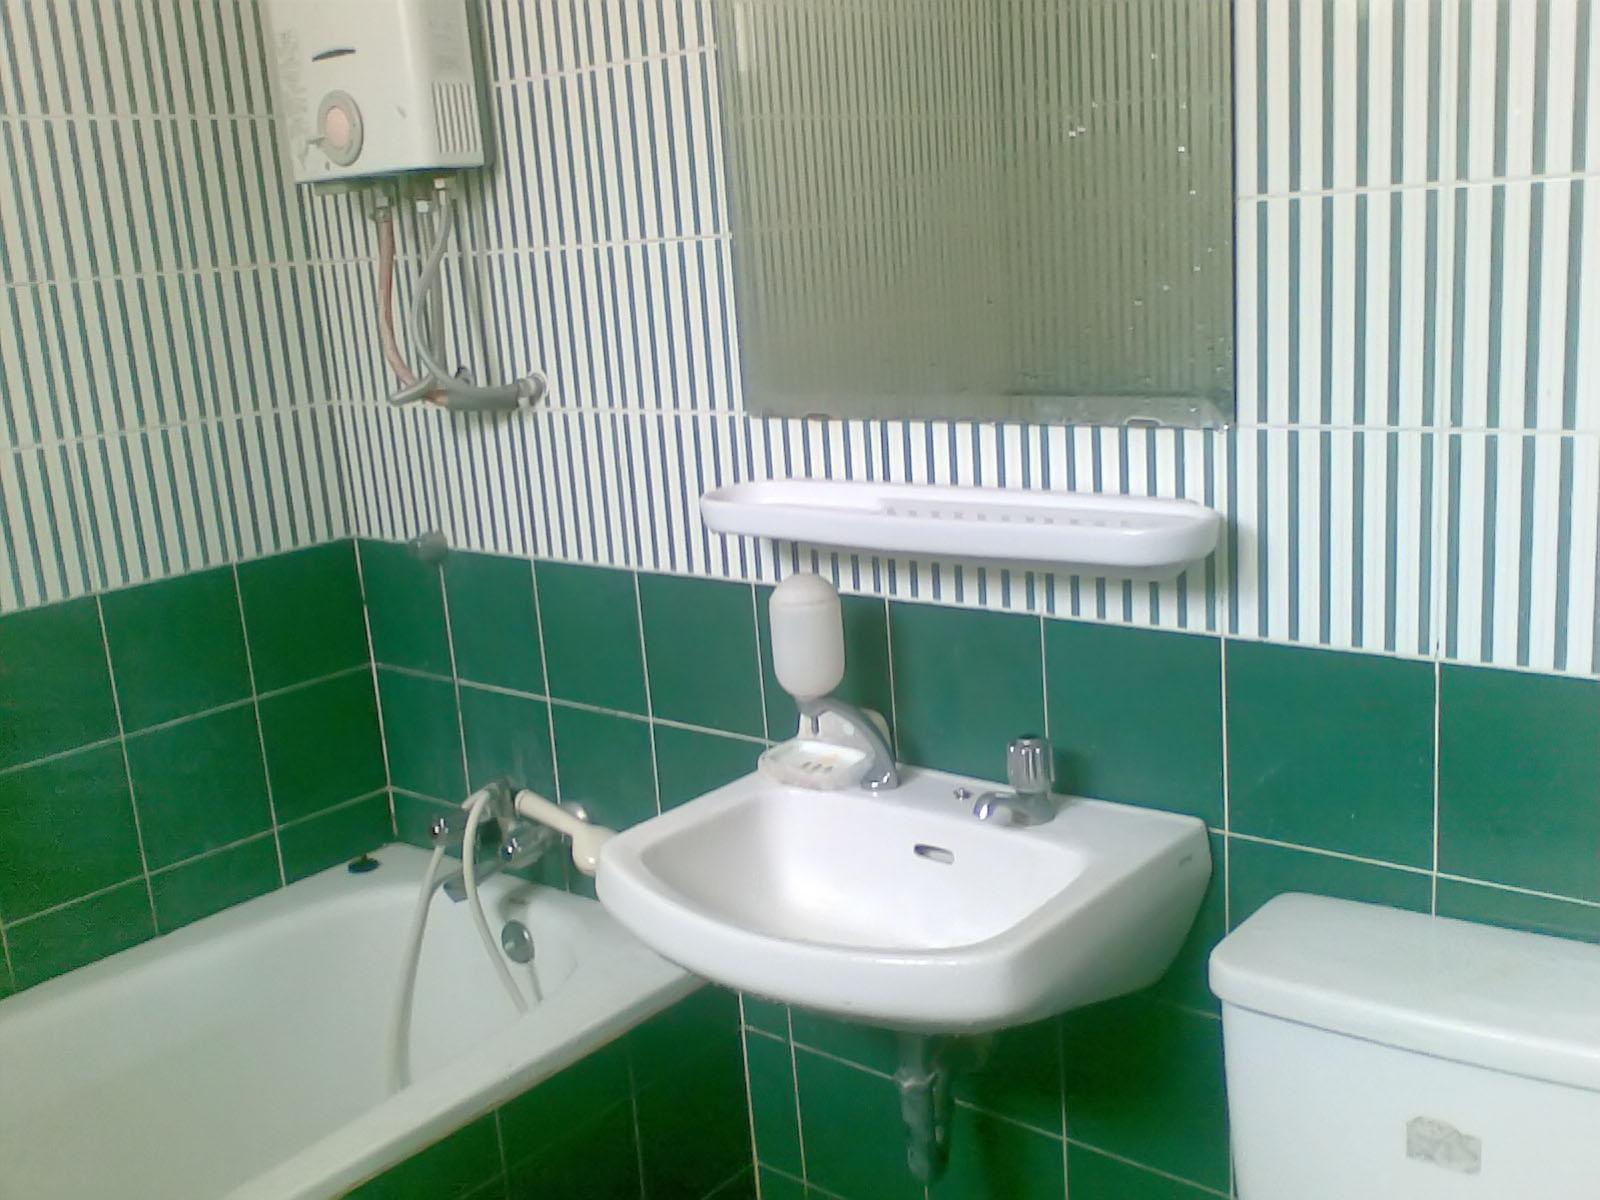 Keramik Lantai Kamar Mandi Warna Hijau | Desain Rumah ...